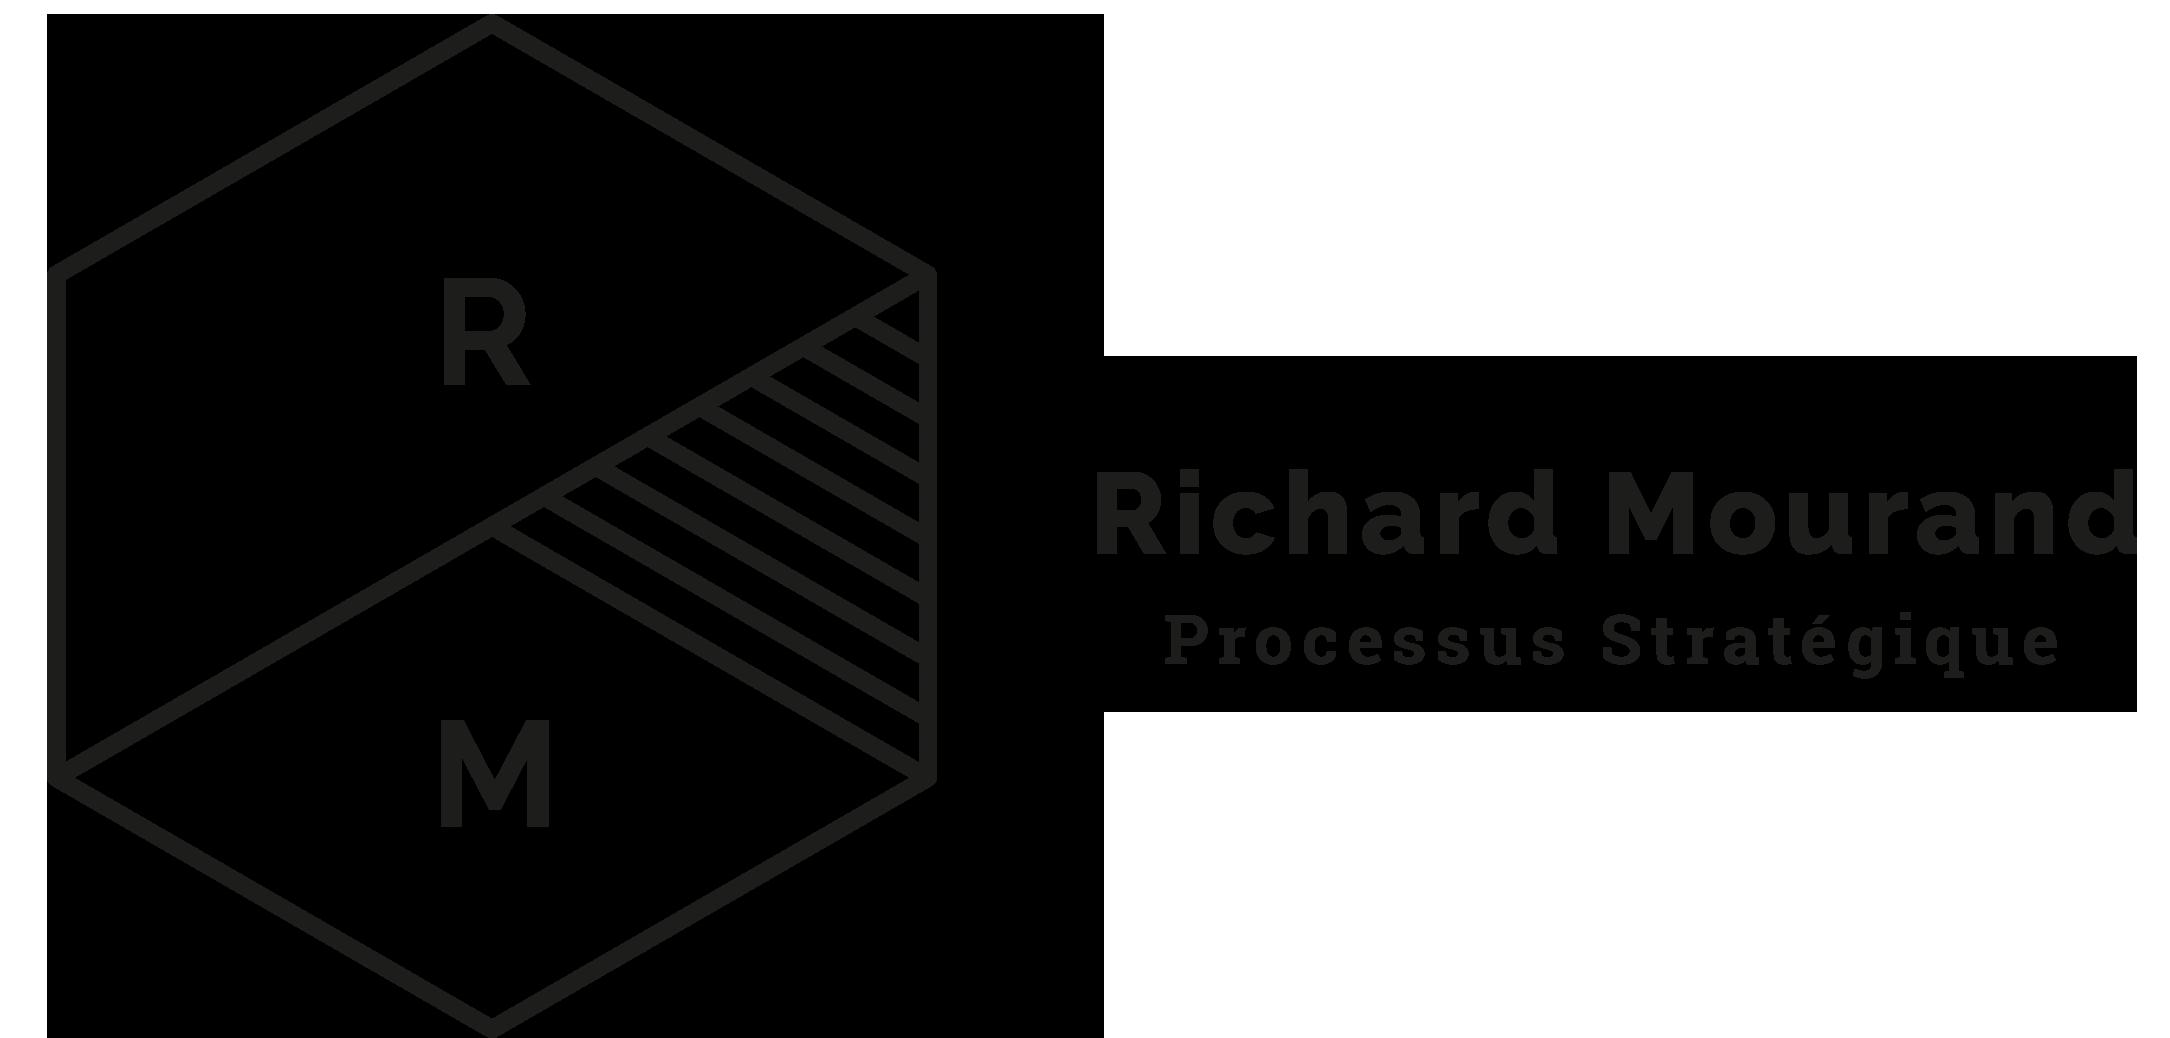 RichardMourand.com